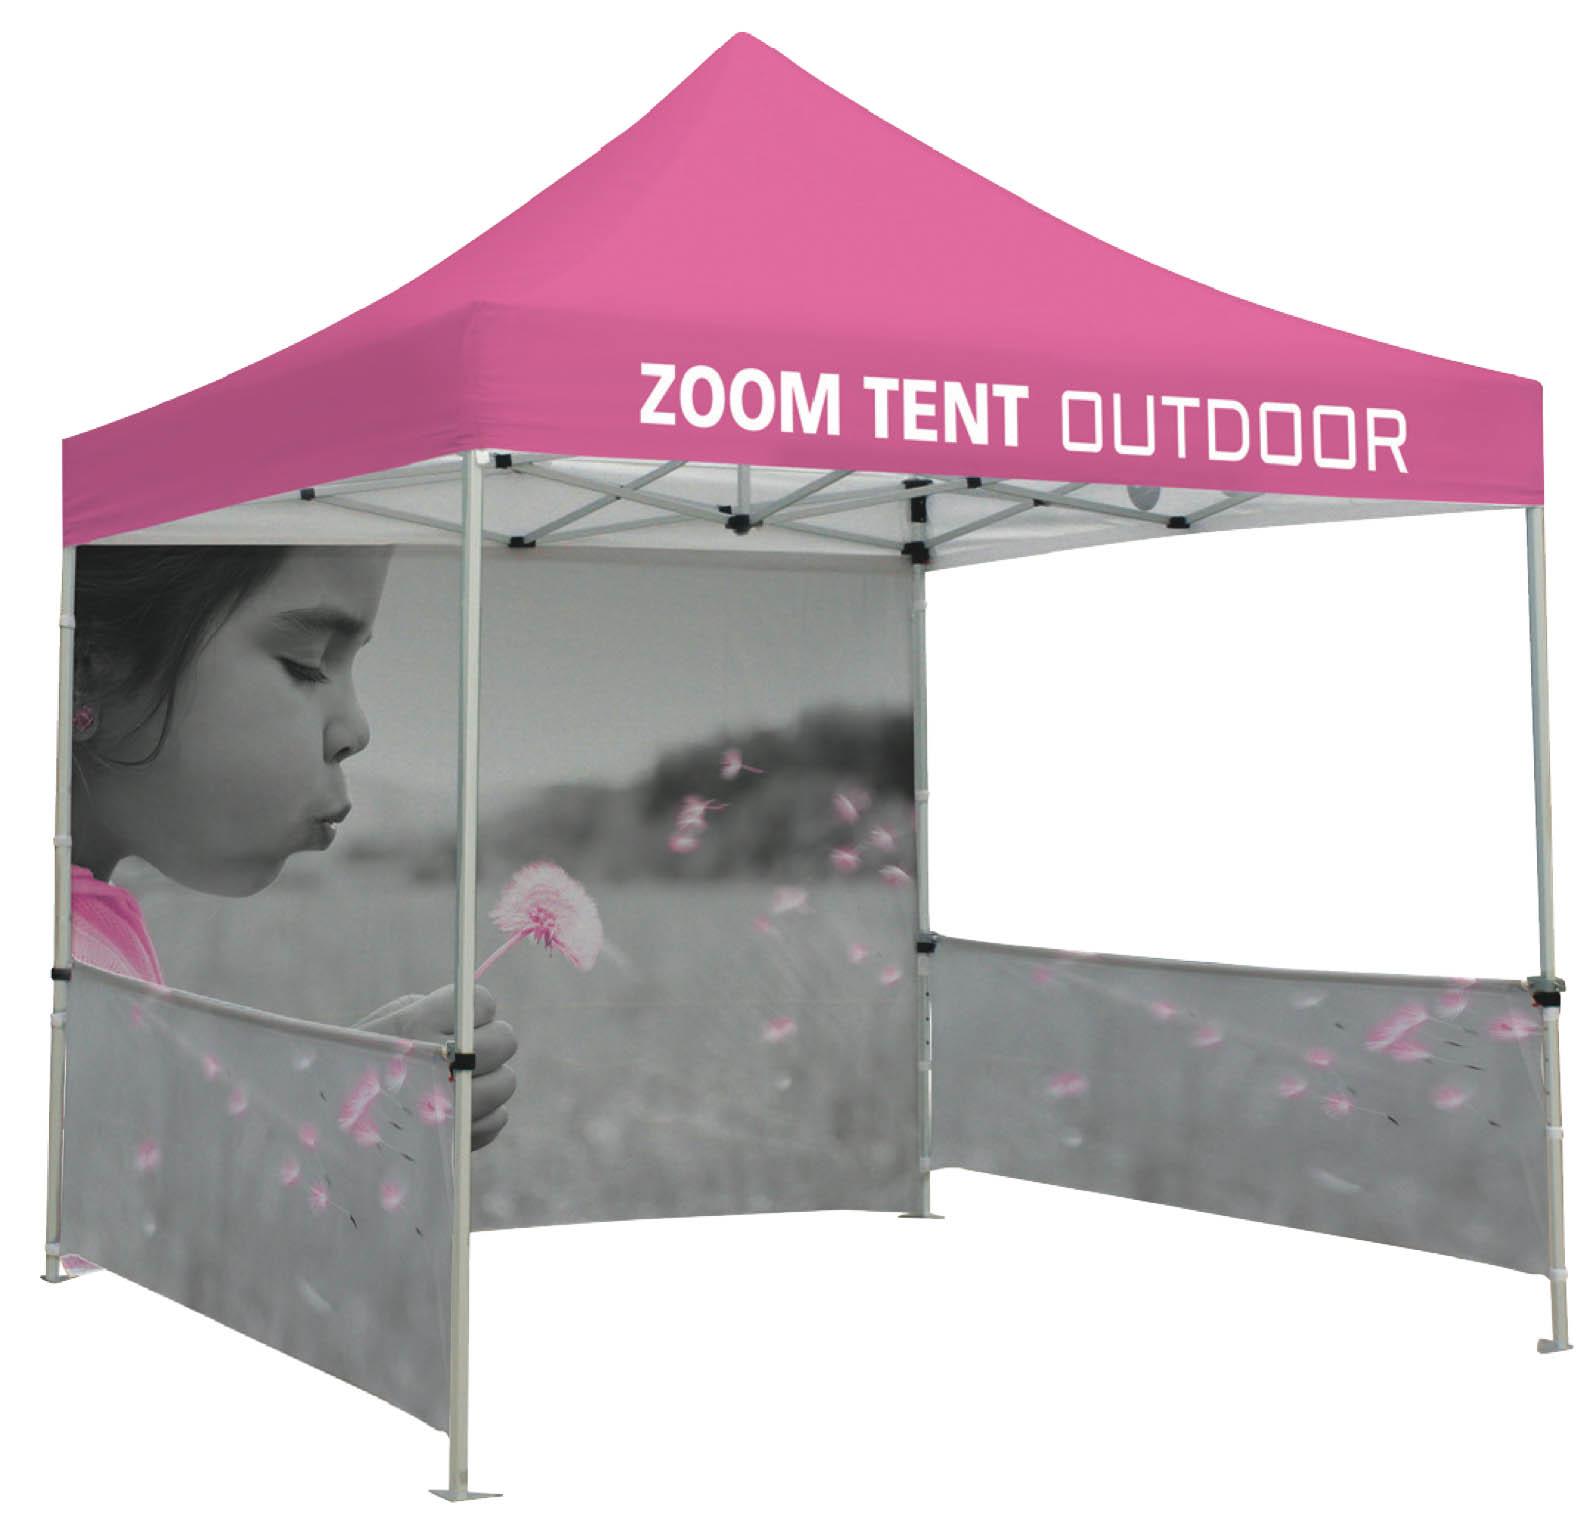 Zoom Pop Up Tents